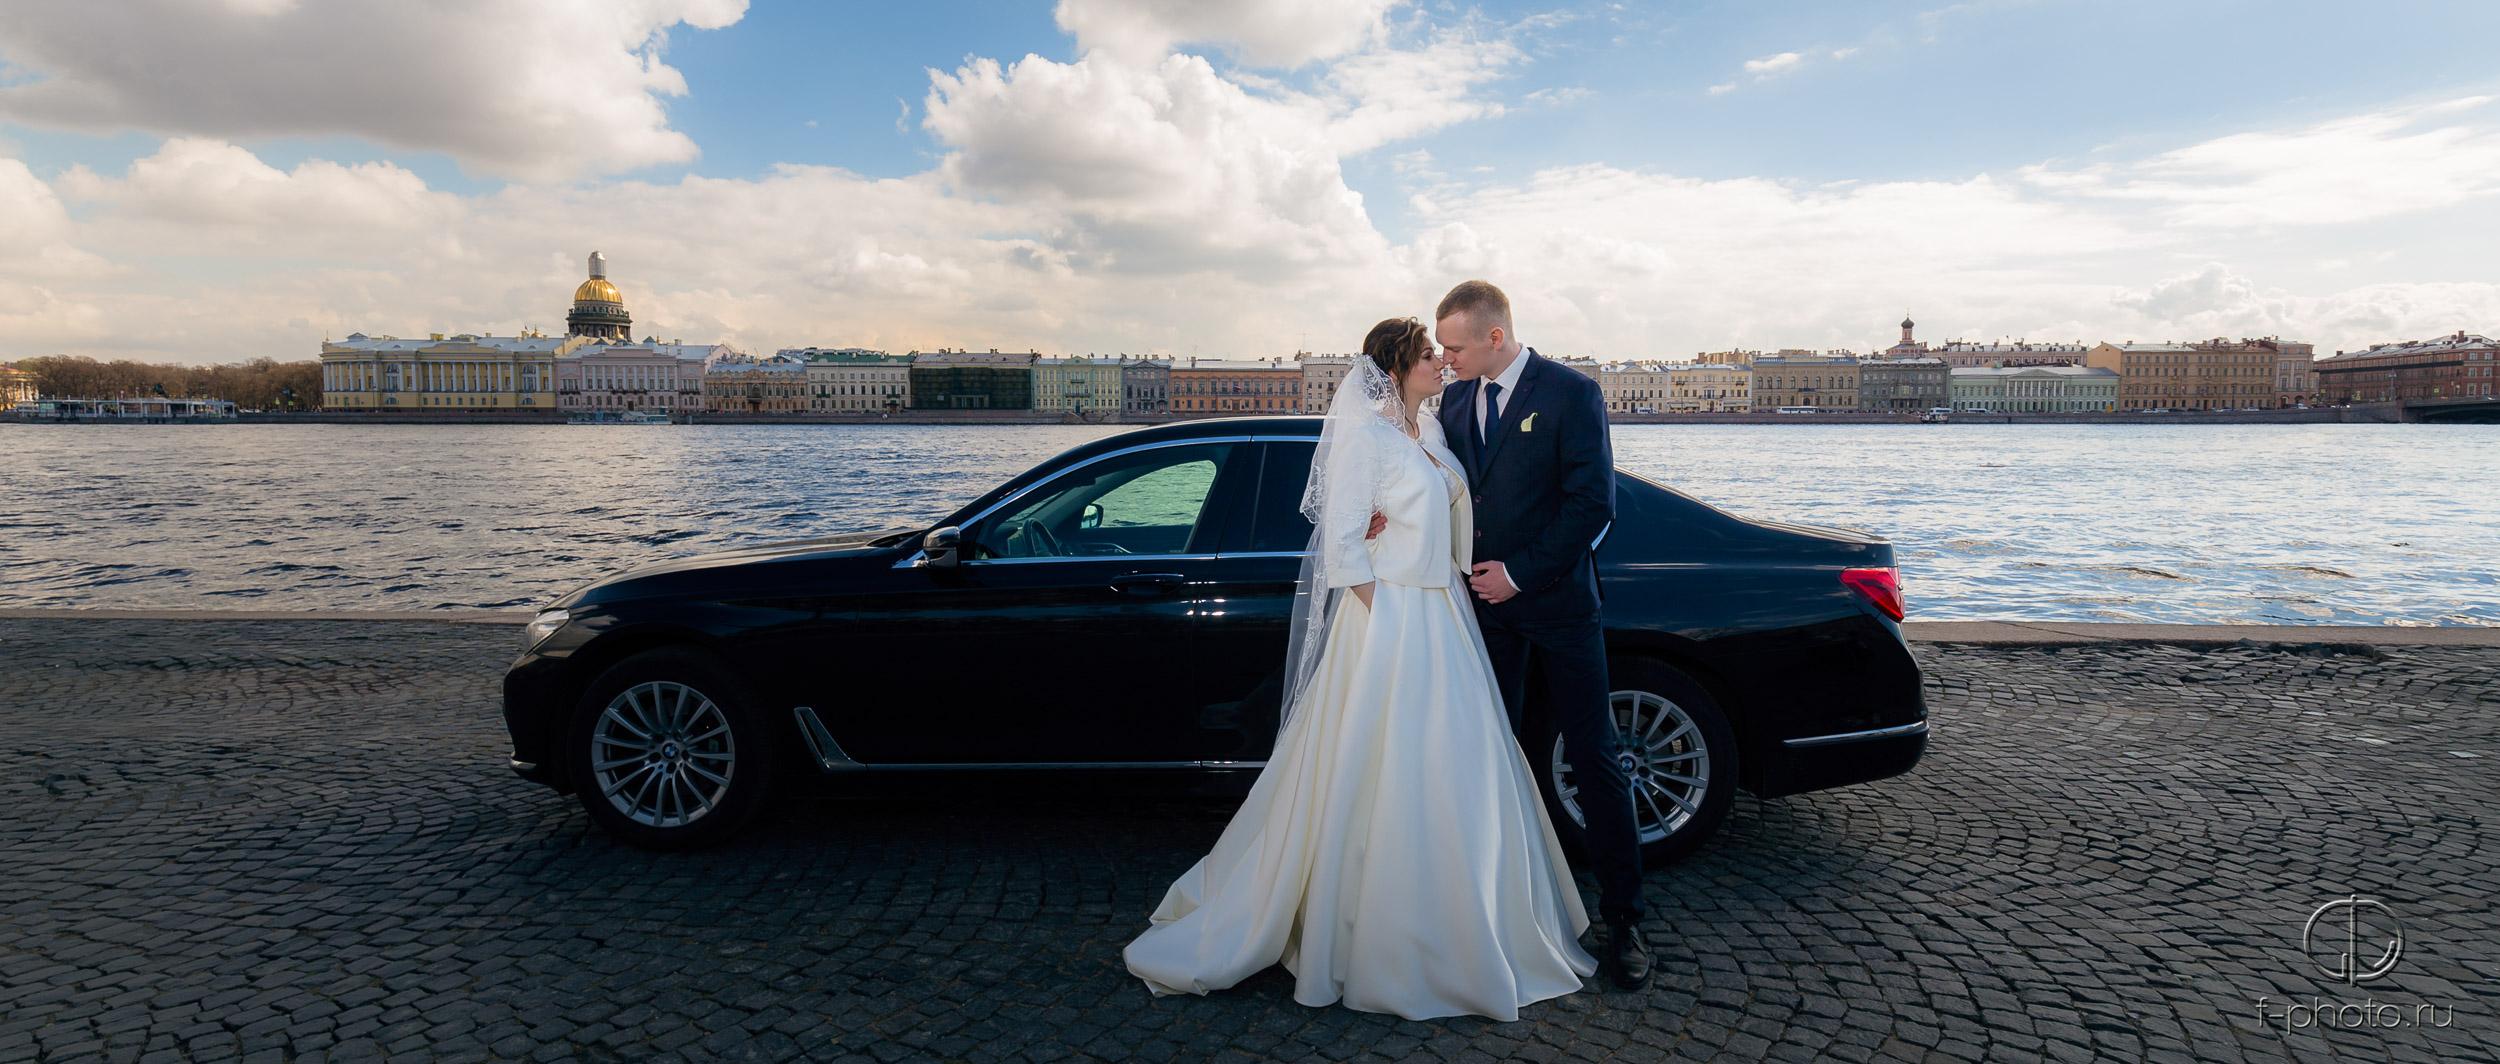 Свадебный лимузин на свадьбу